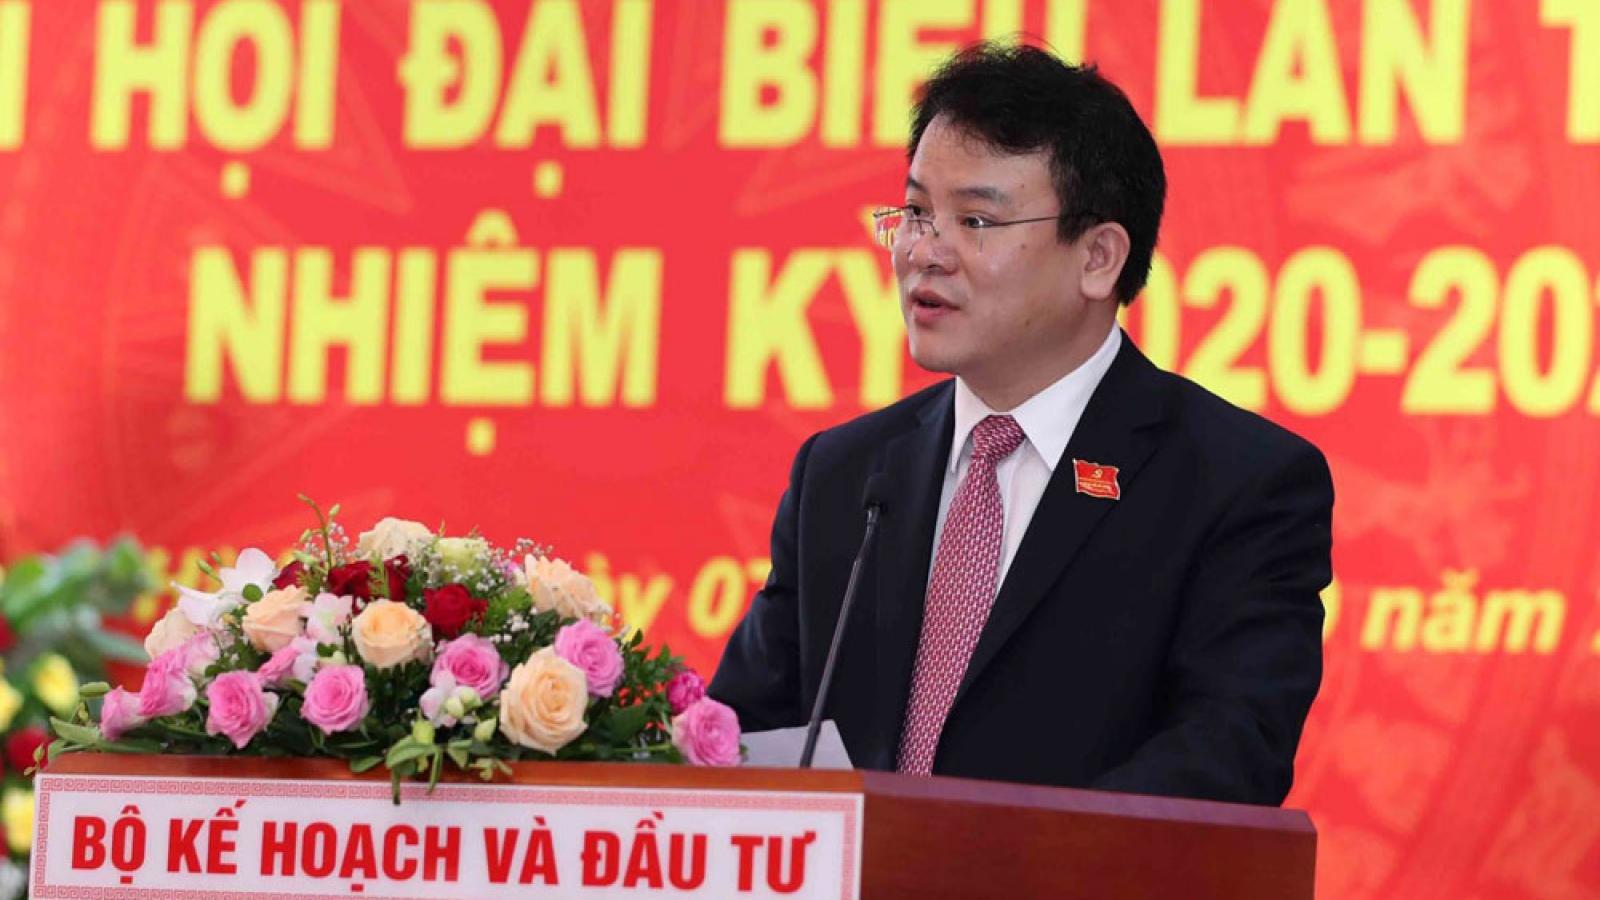 Ông Trần Quốc Phương được bầu giữ chức Bí thư Đảng ủy cơ quan Bộ KH&ĐT